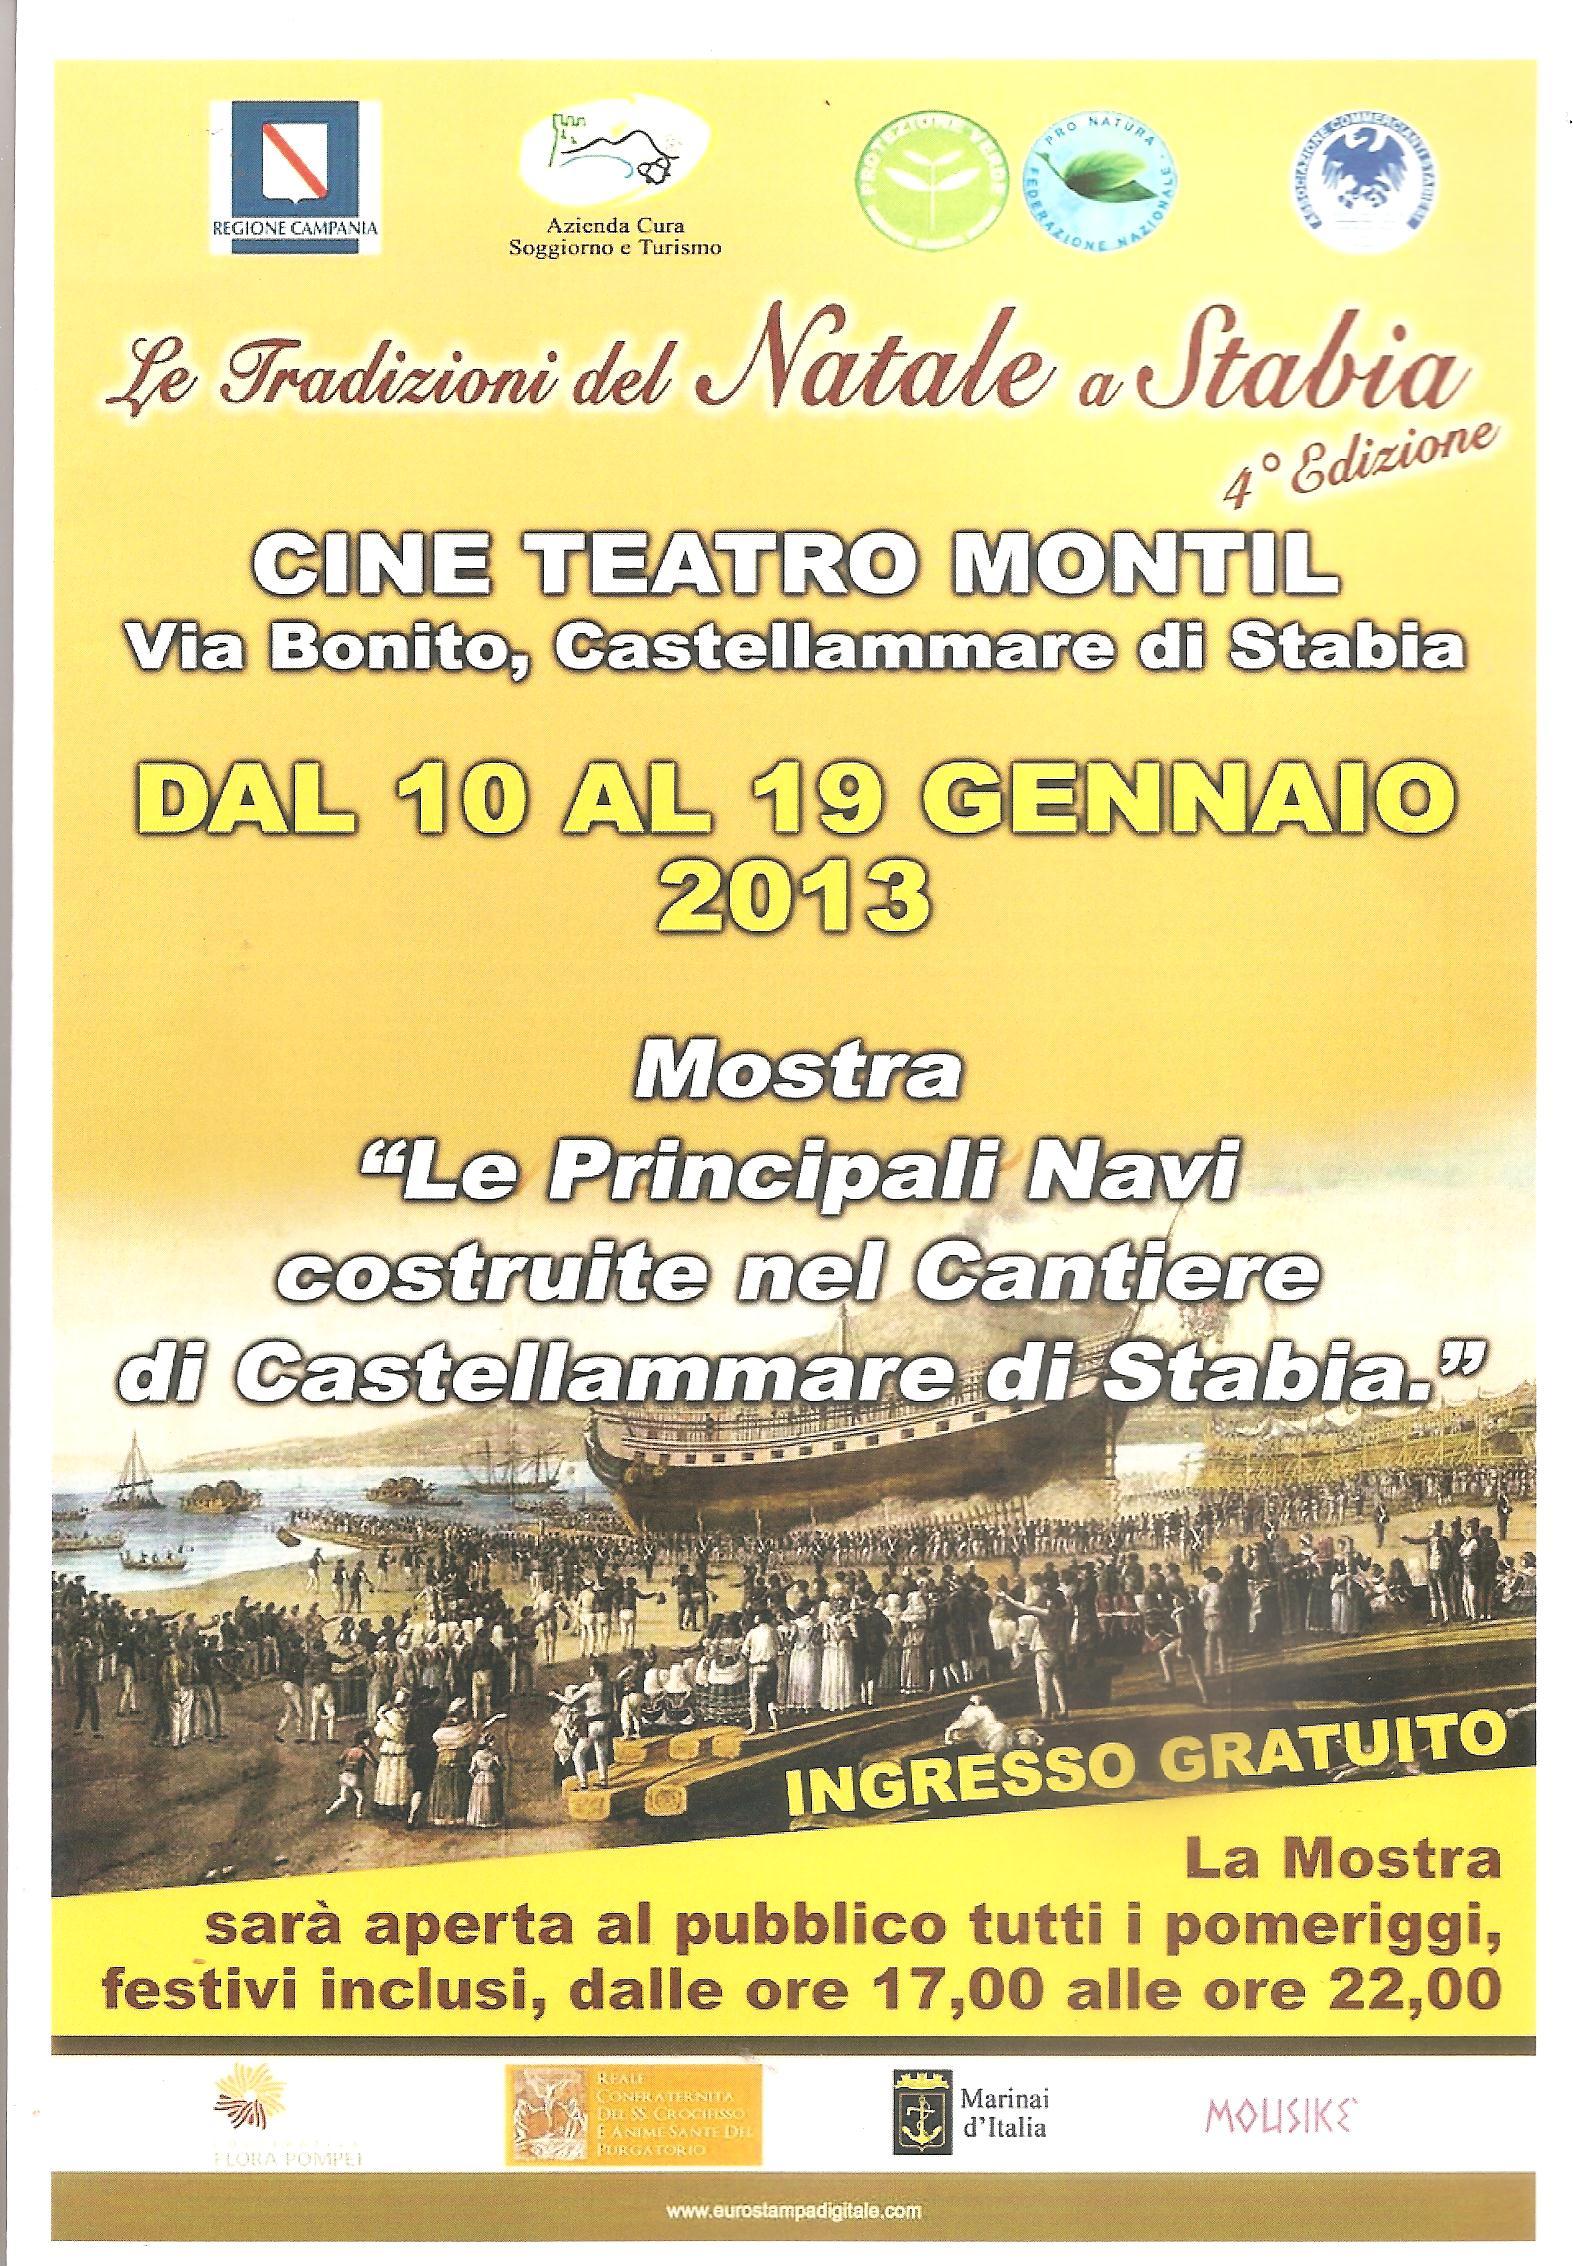 http://www.leganavalestabia.it/immagini_articoli/miniature/21357379571.jpg